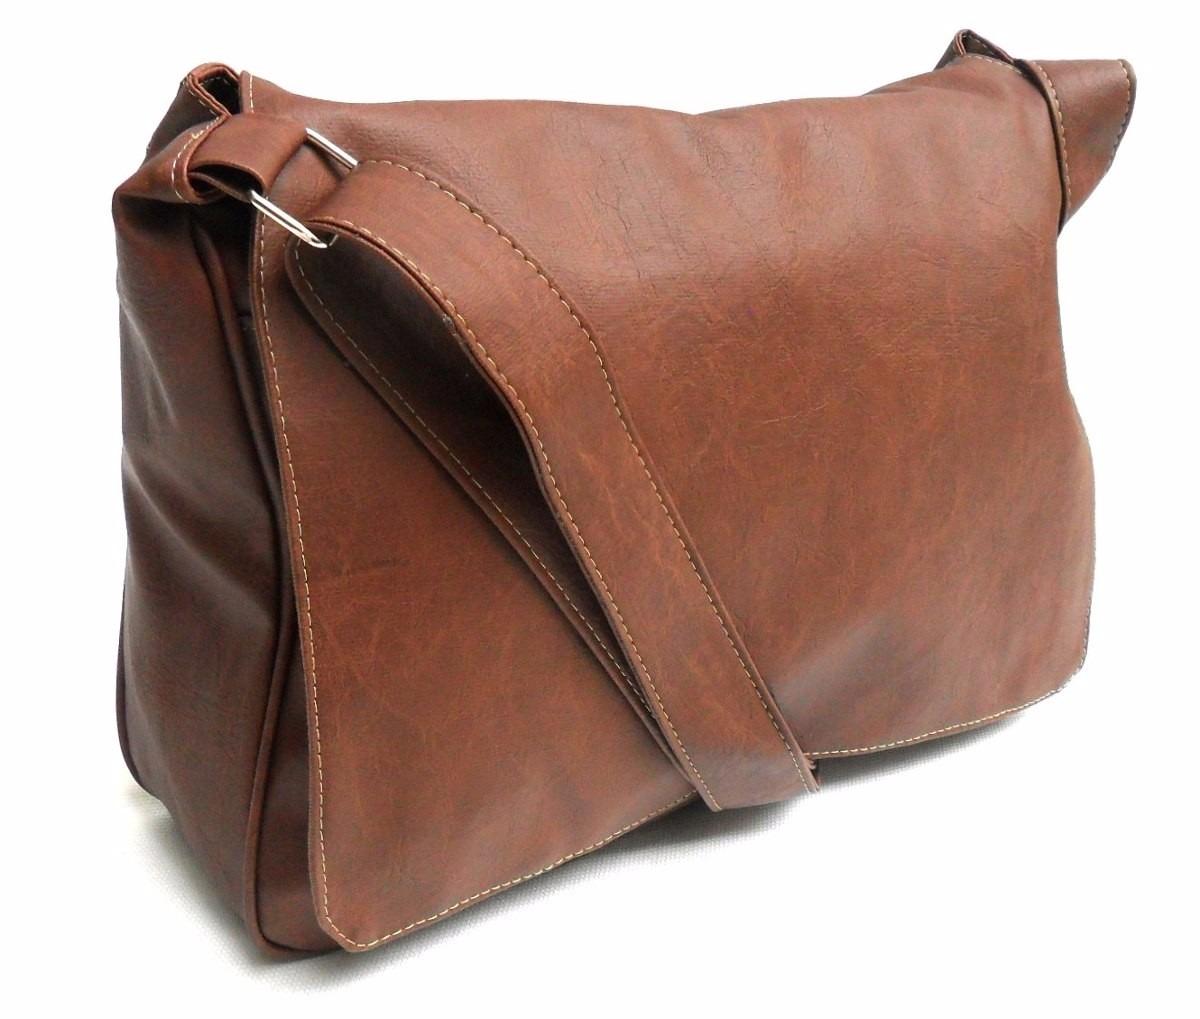 Bolsa Estilo Carteiro Feminina Mercado Livre : Bolsa carteiro masculina couro sint?tico marrom tiracolo